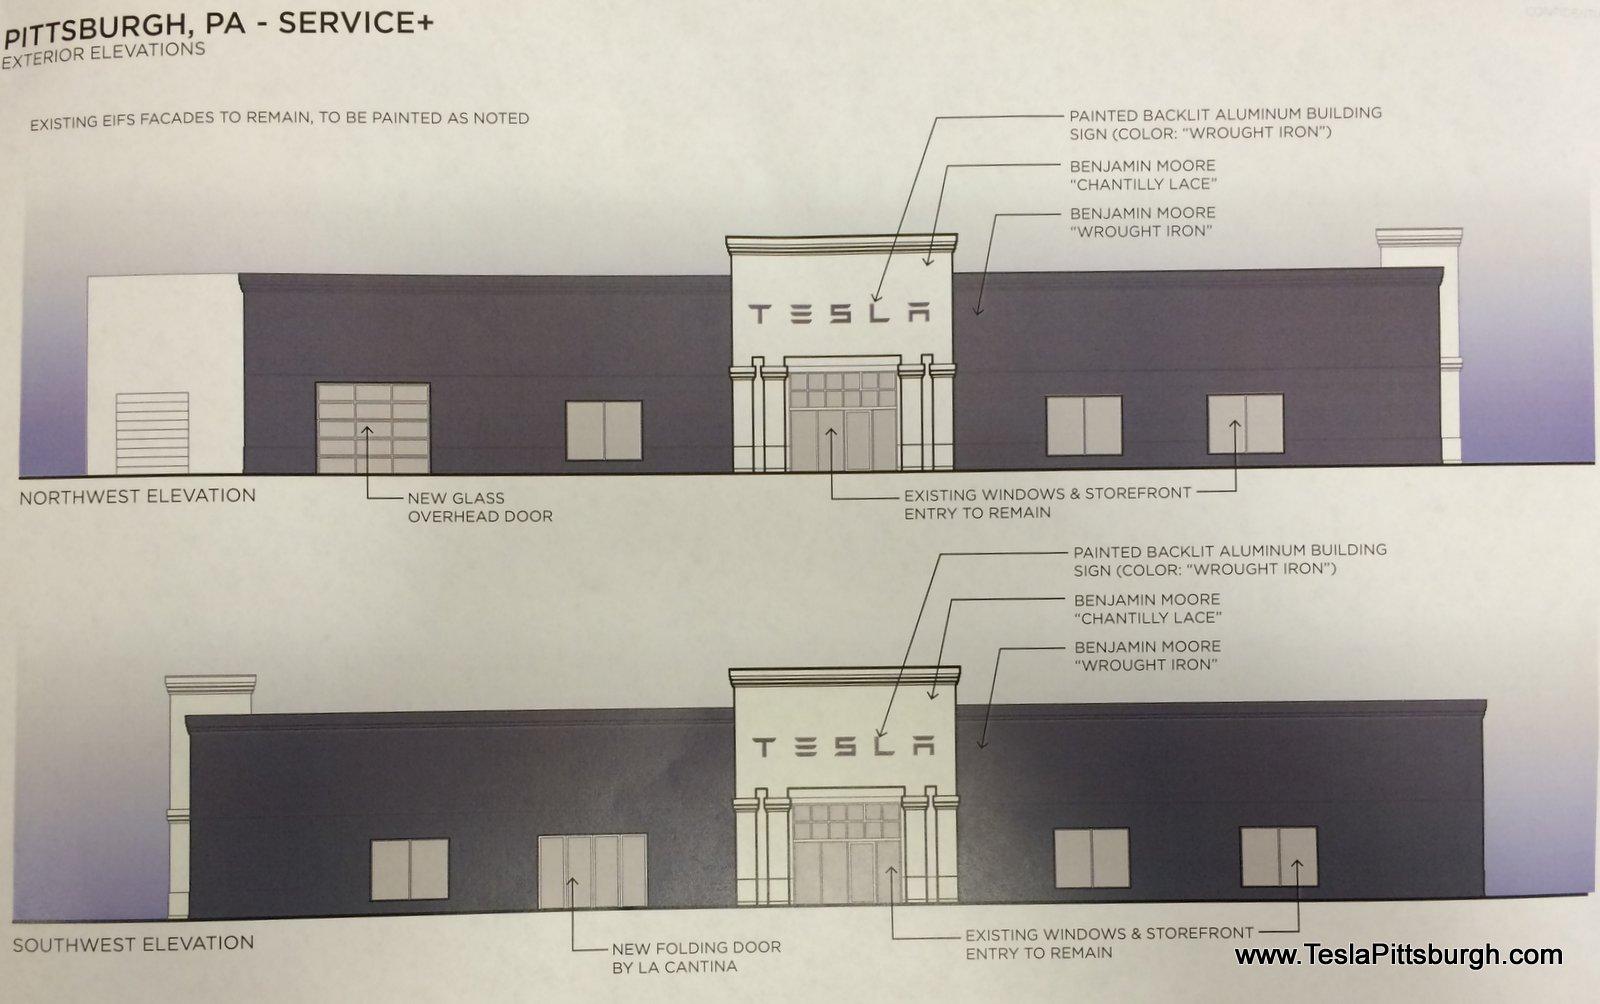 pittsburgh tesla service center facade colors